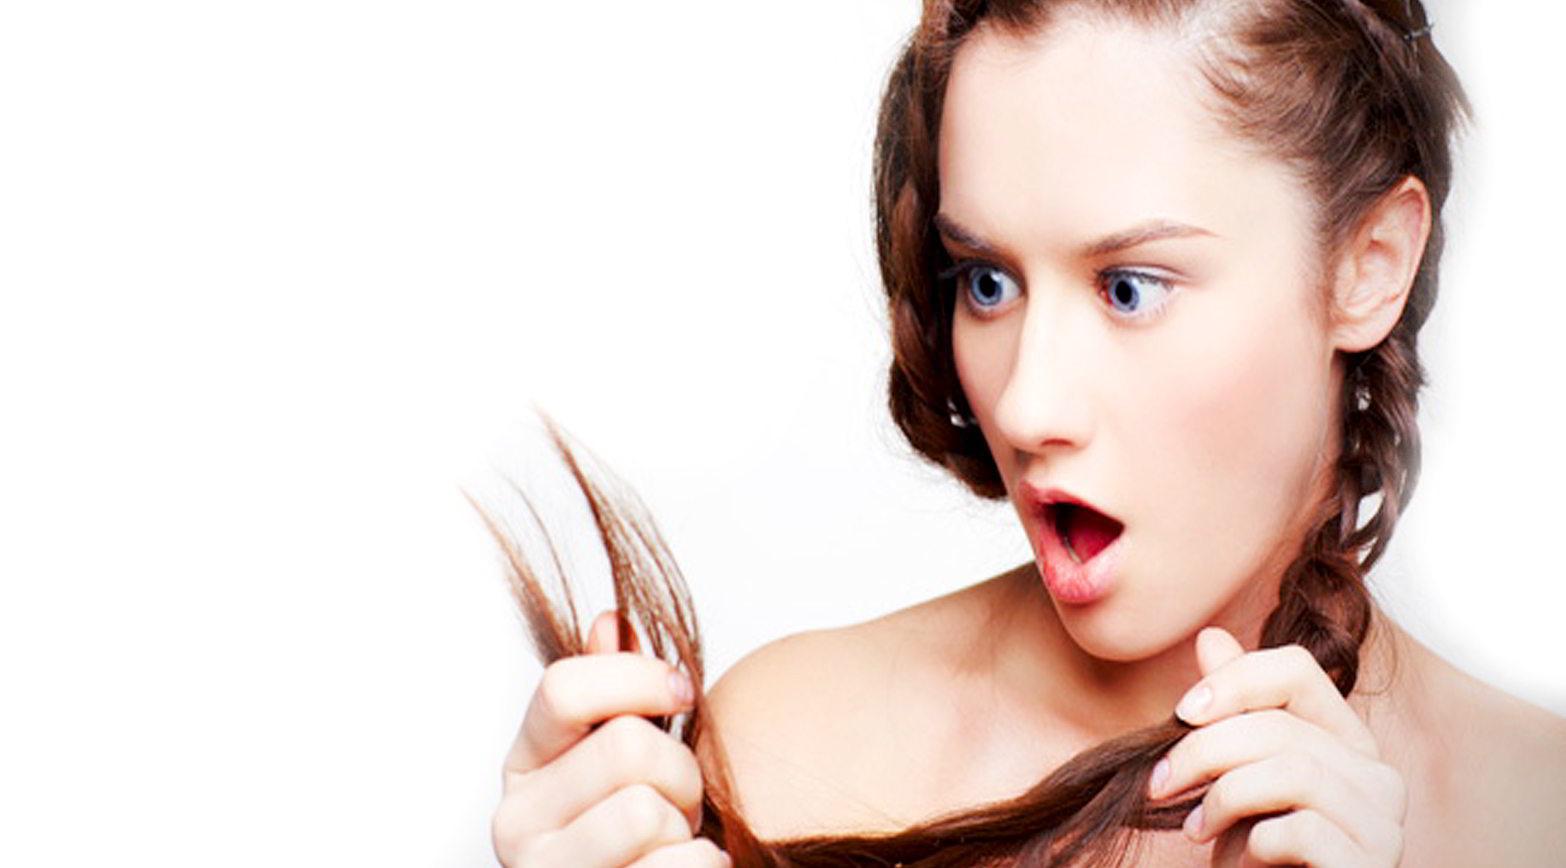 Perawatan alami Rambut Bercabang dan Cara Menghilangkan Rambut Bercabang, Mengatasi rambut bercabang dengan mudah dan cepat